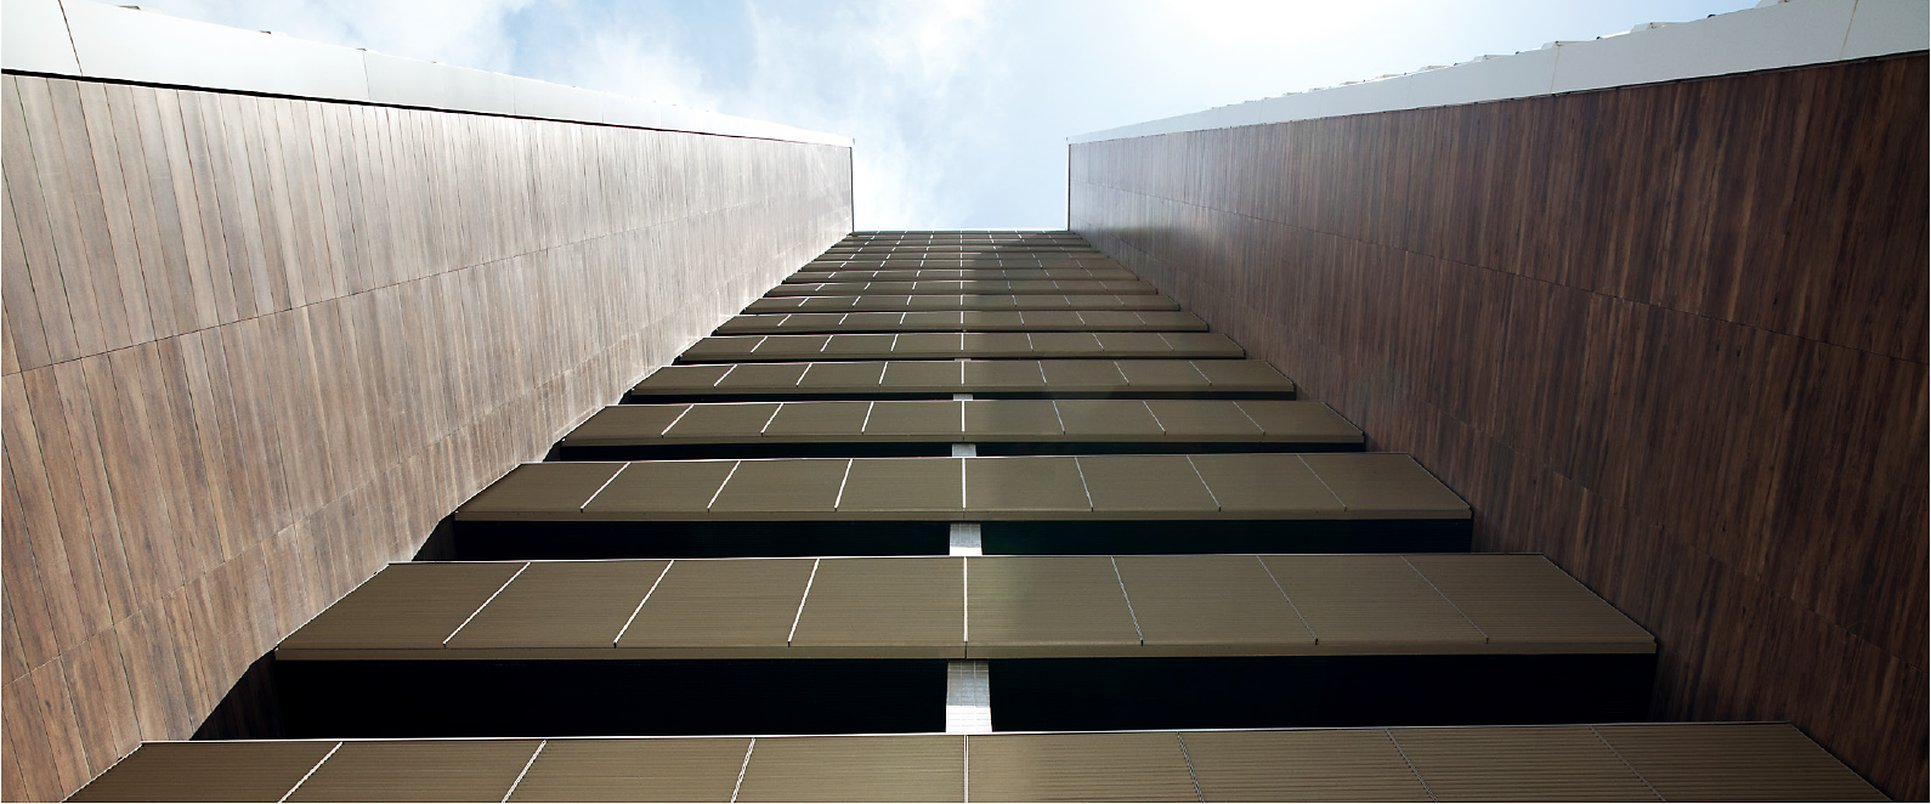 Ilha Pura - Rio de Janeiro, RJ - Equipe: Cristiane e Pacelo - Arquiteto: Arquitetos do Rio, Gabriela Manhaes